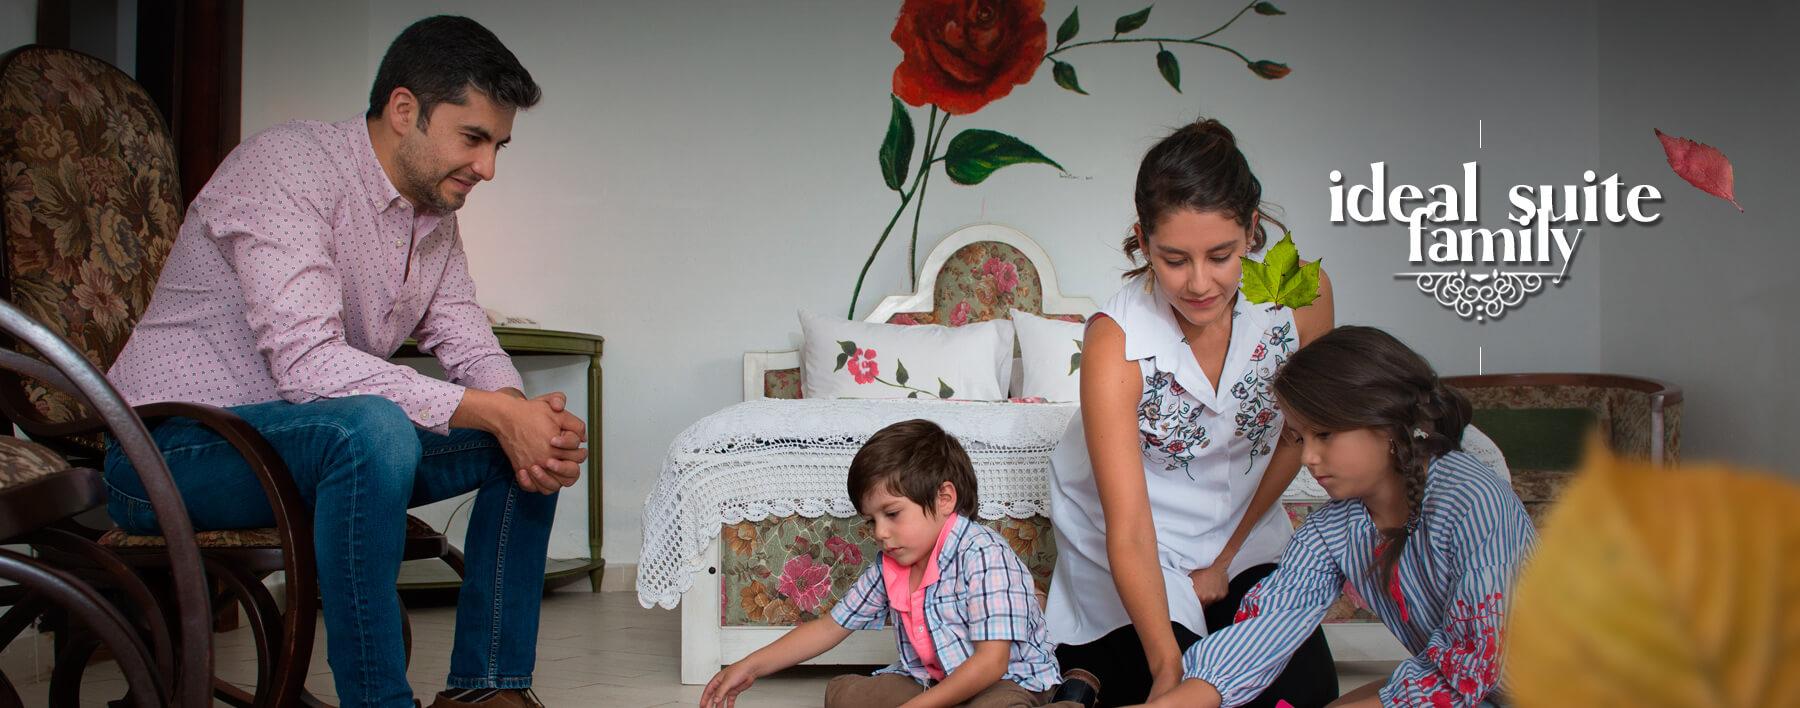 hotel-boutique-casa-de-hacienda-su-merced-habitacion-pequeña-casita-banner-ingles